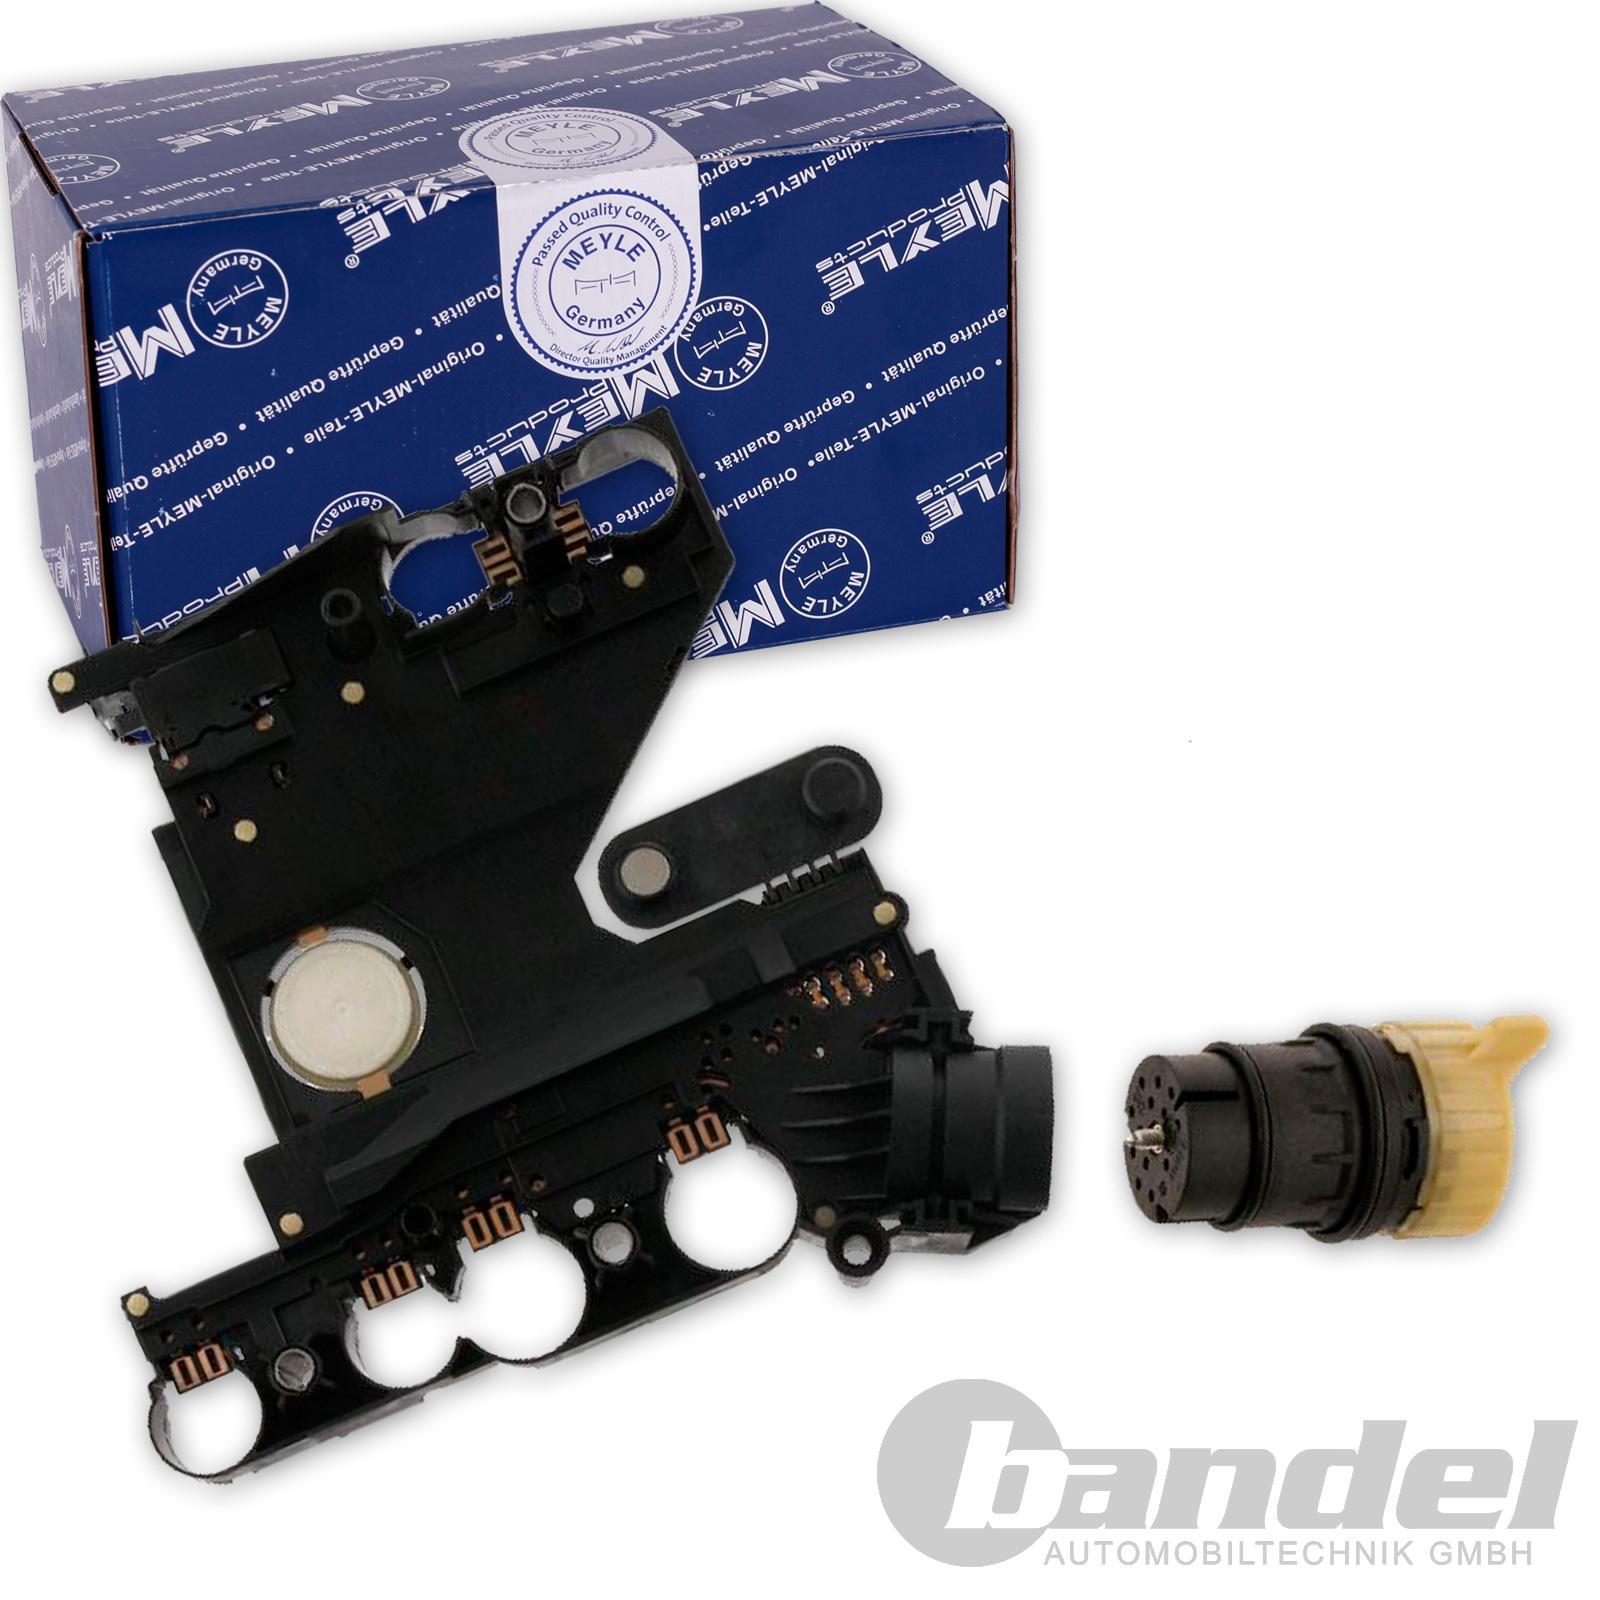 Automatikgetriebe Steuergerät Getriebe 722.6 für W202 W203 W204 CL203